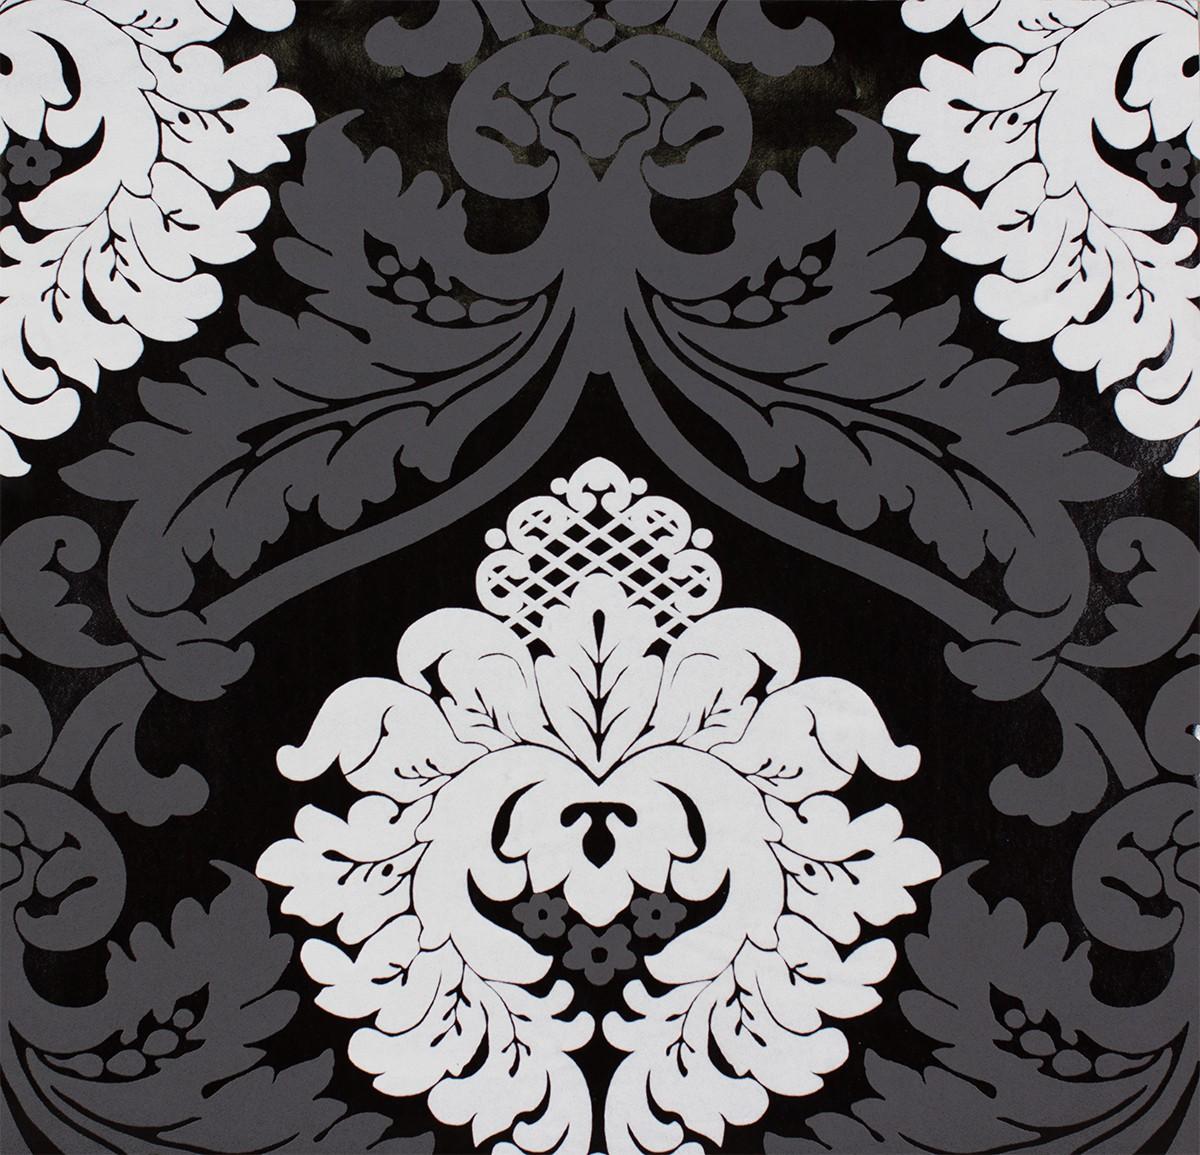 Pop Up Panel selbstklebend 52x250cm 3D Effekt 95566 1  1 - Tapete Schwarz Weis Barock